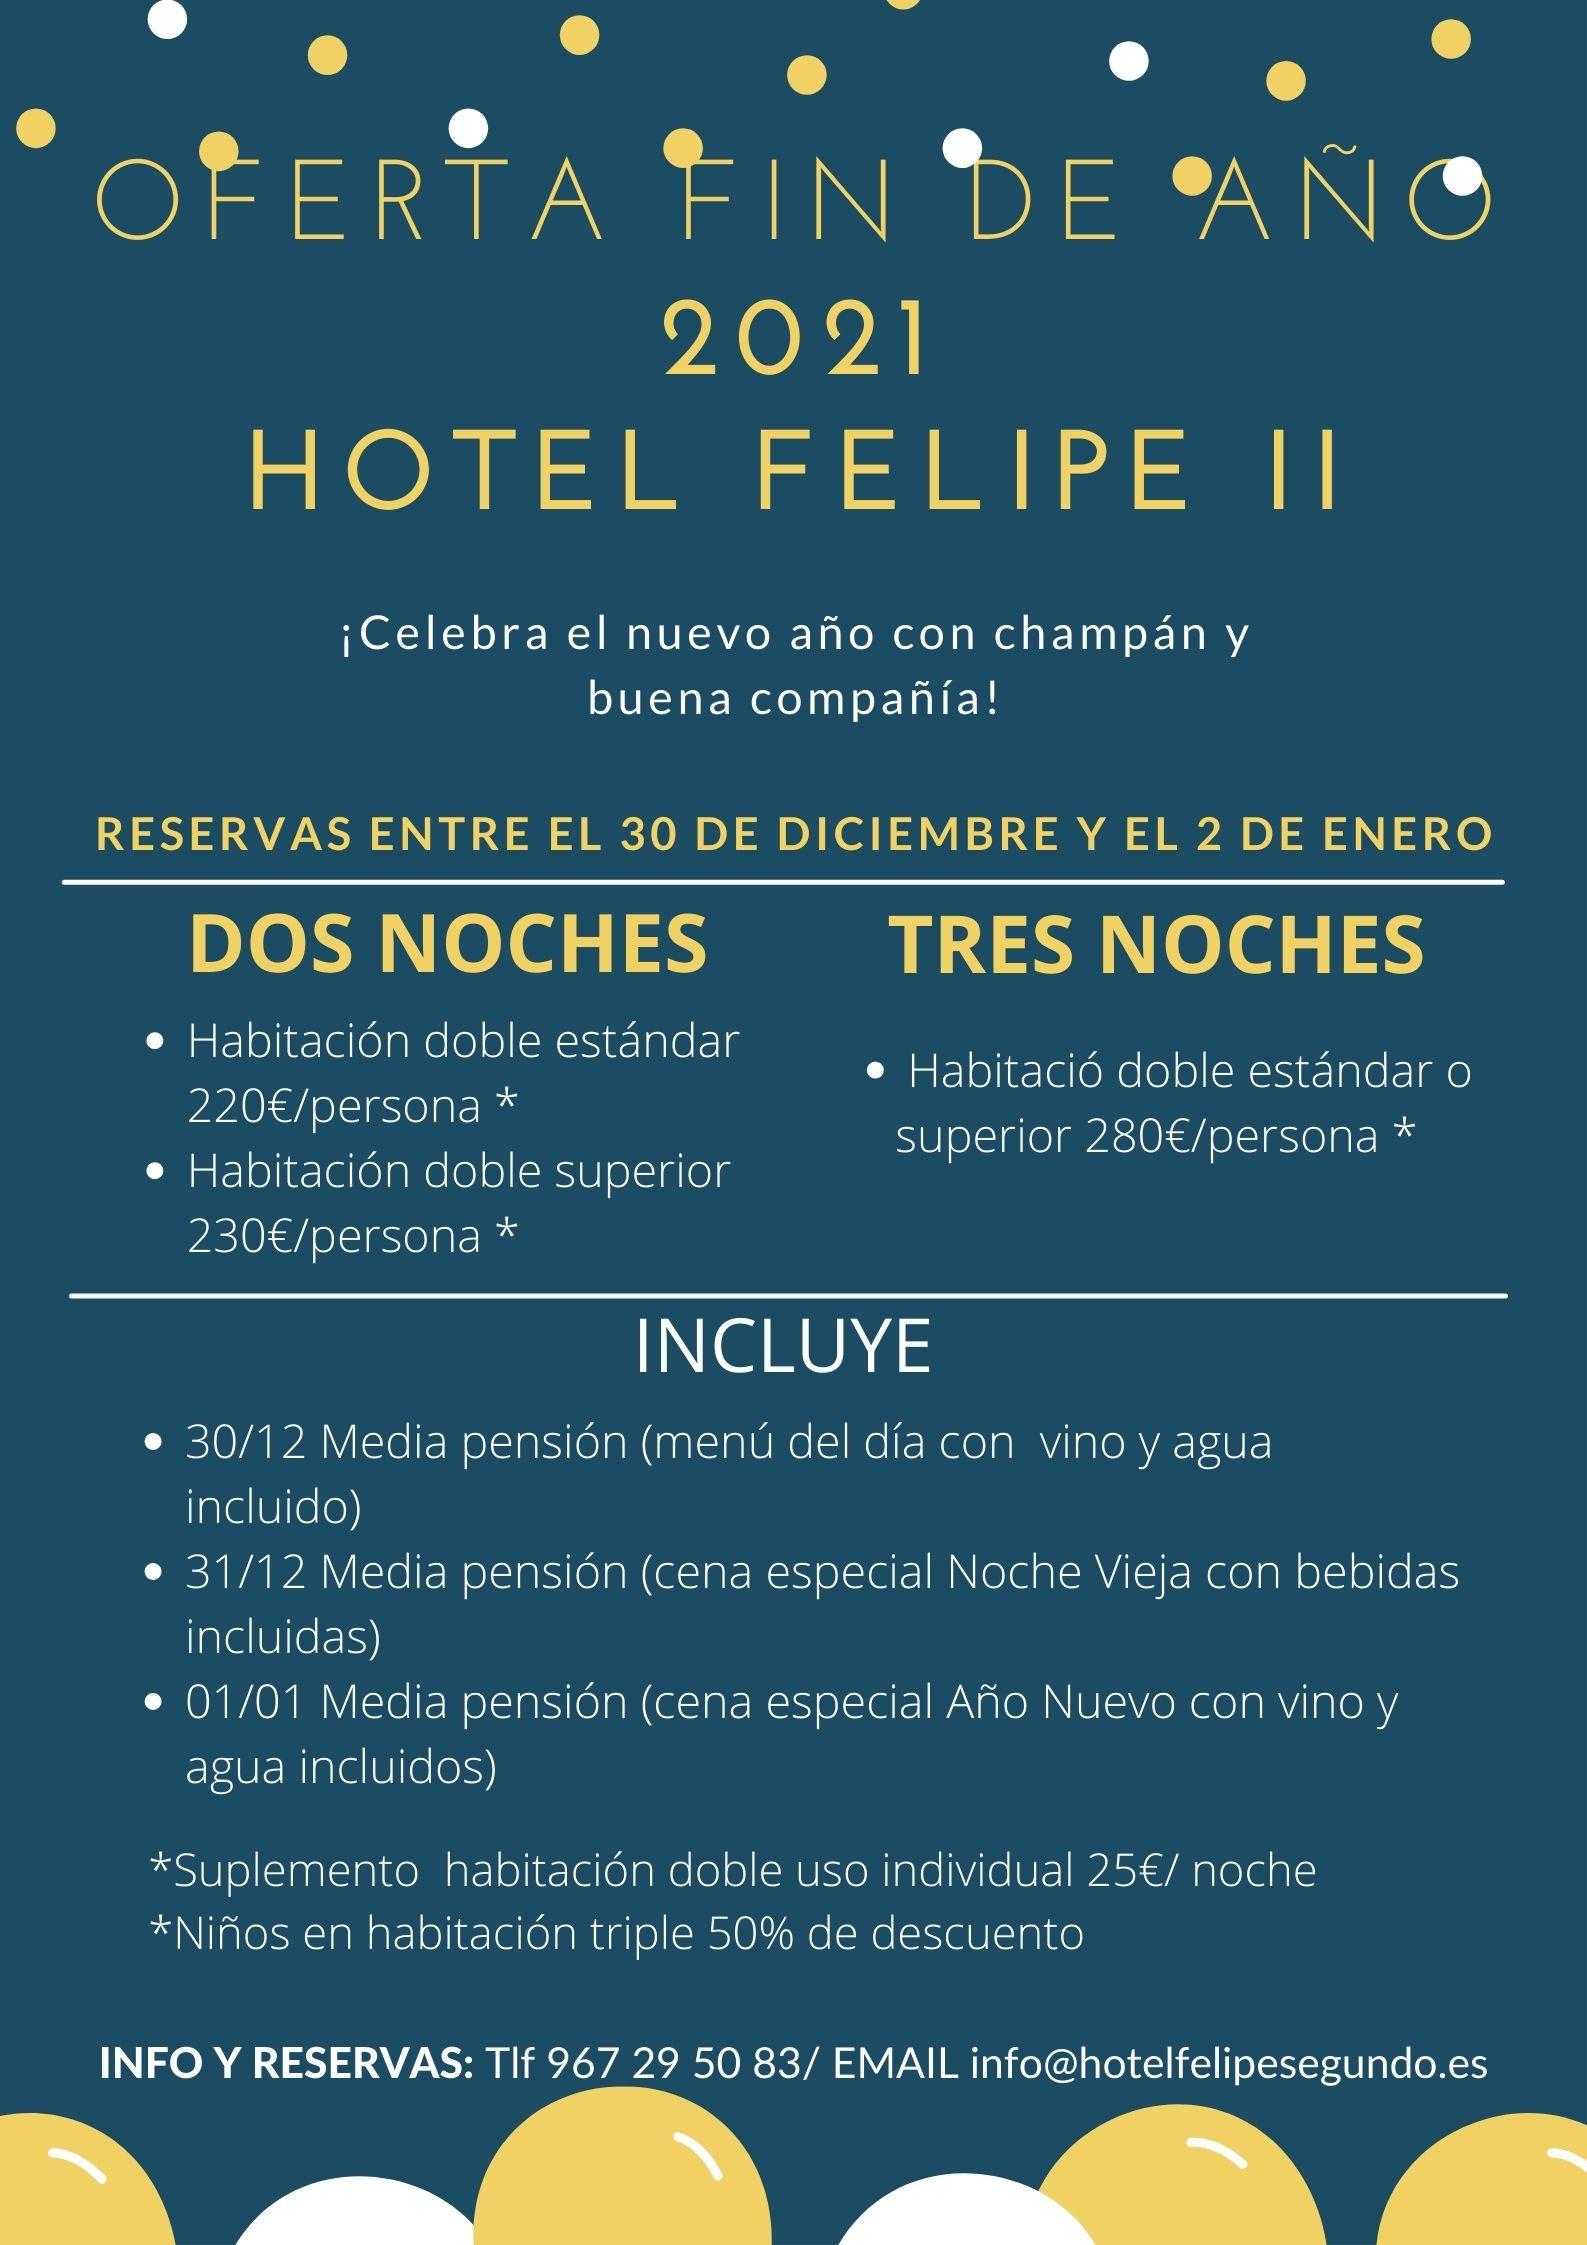 fin de año 2021 hotel felipe II